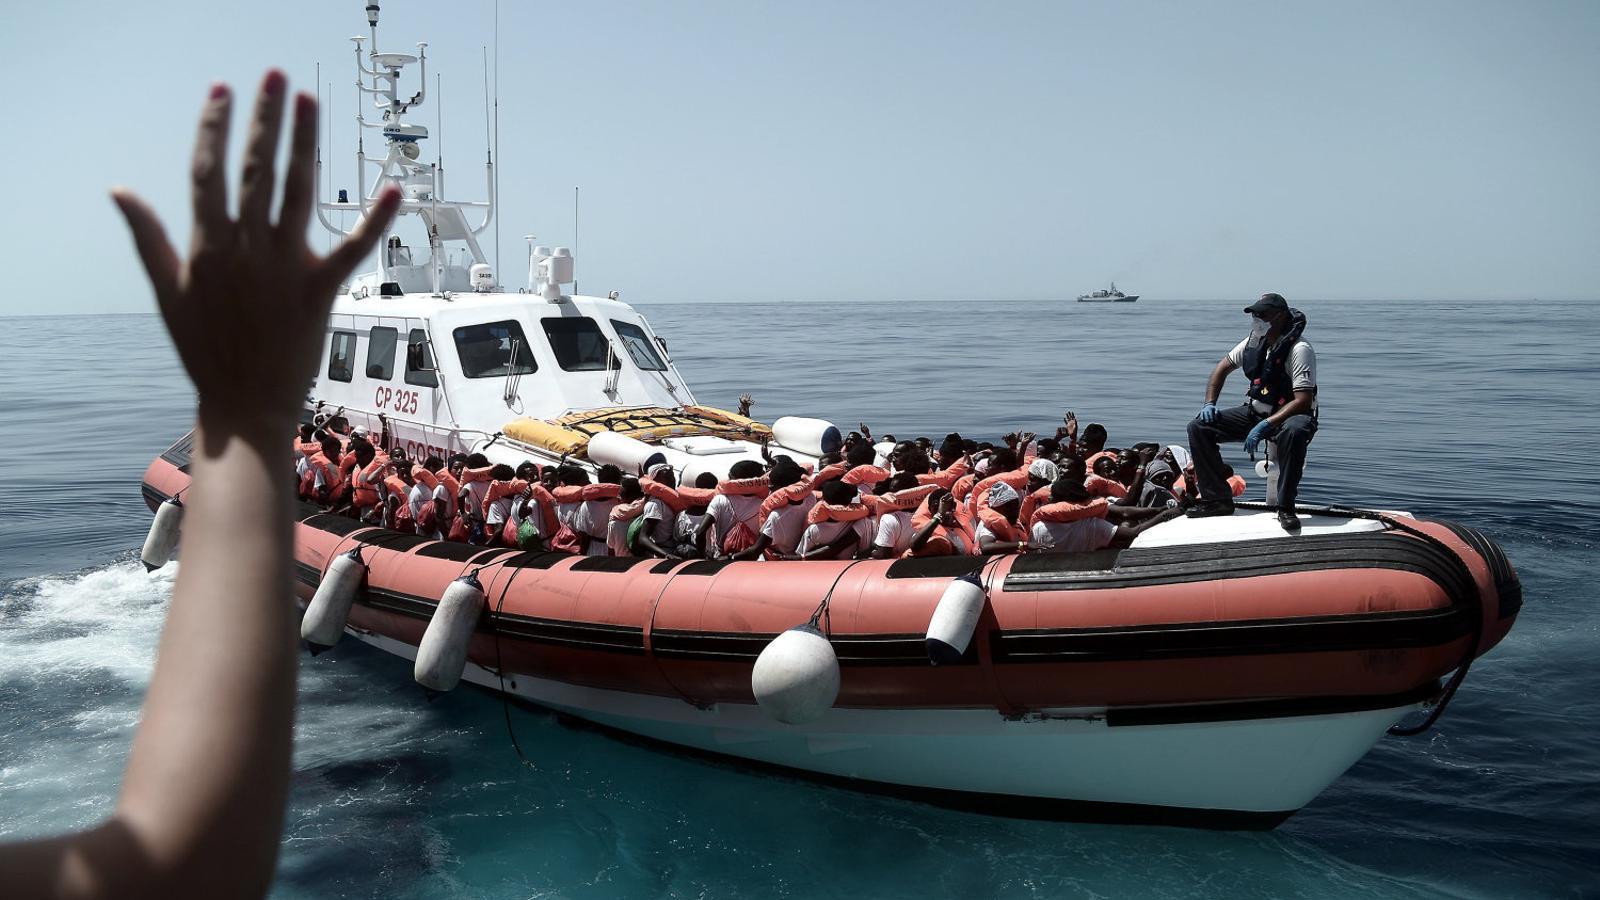 Els migrants de l''Aquarius' tindran un permís d'estada de tres mesos, però no es descarta que una part vagin als CIE